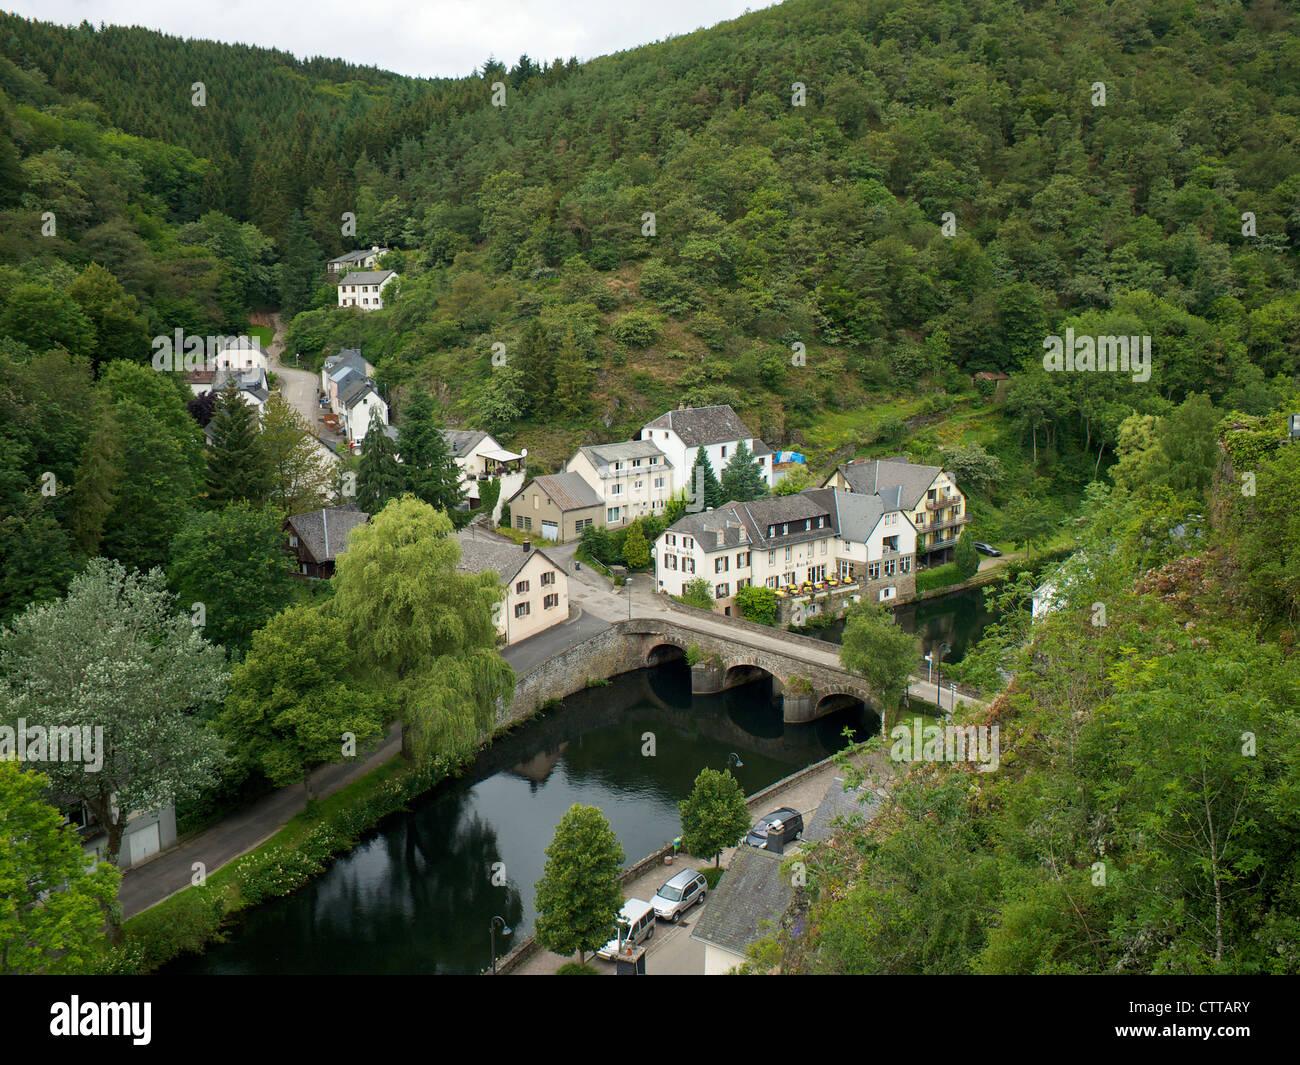 Hôtel situé sur la rive à Esch sur sure au Luxembourg Photo Stock